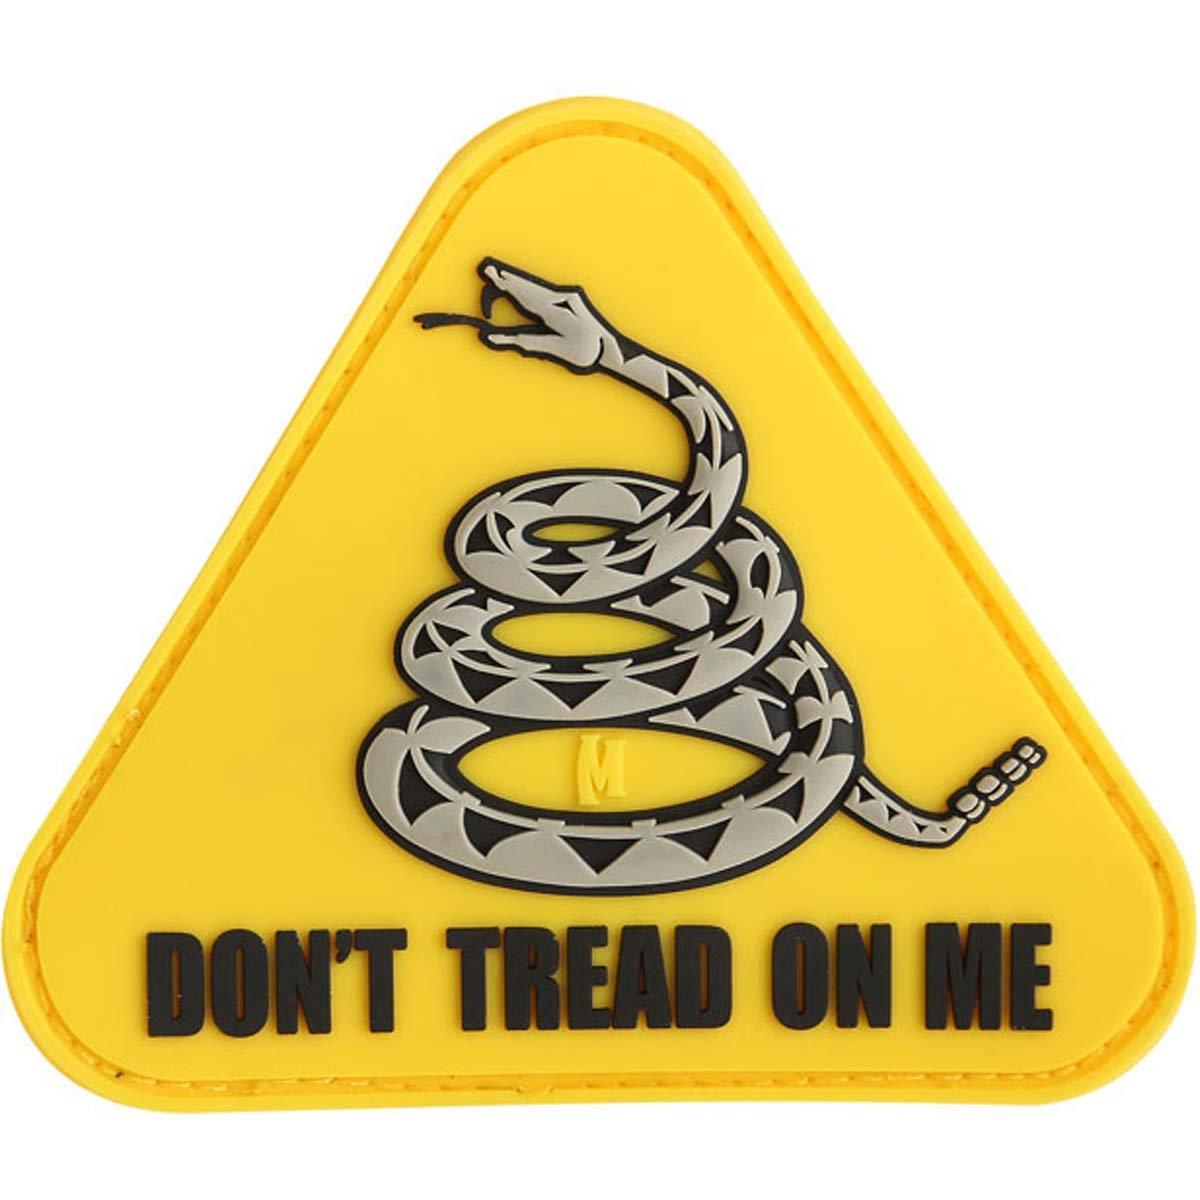 Don't Tread on Me Patch   B00DXNY0ZM